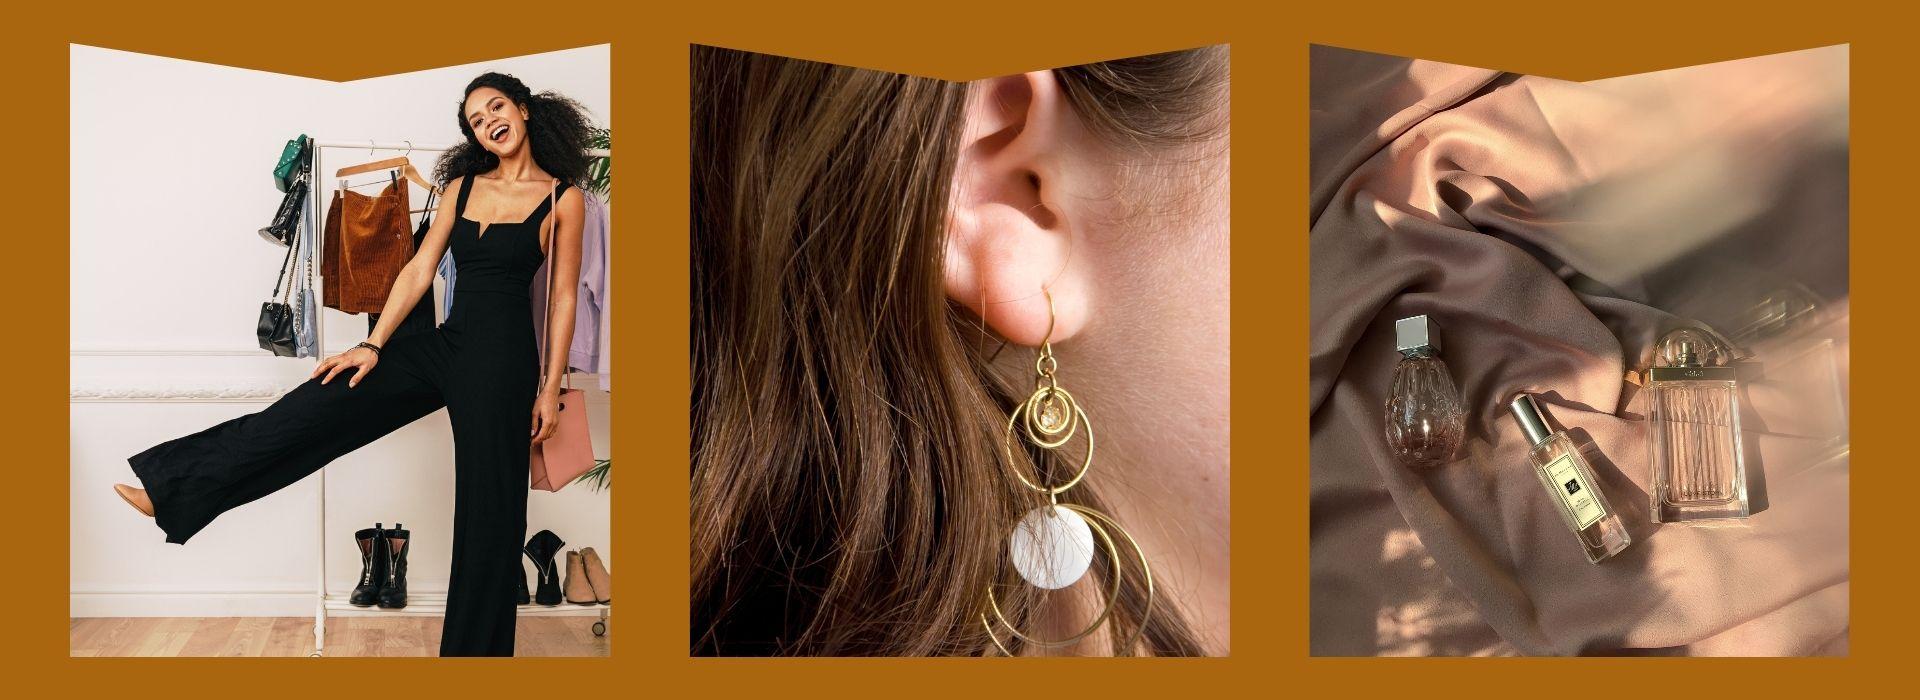 Jumpsuit, earrings, perfume